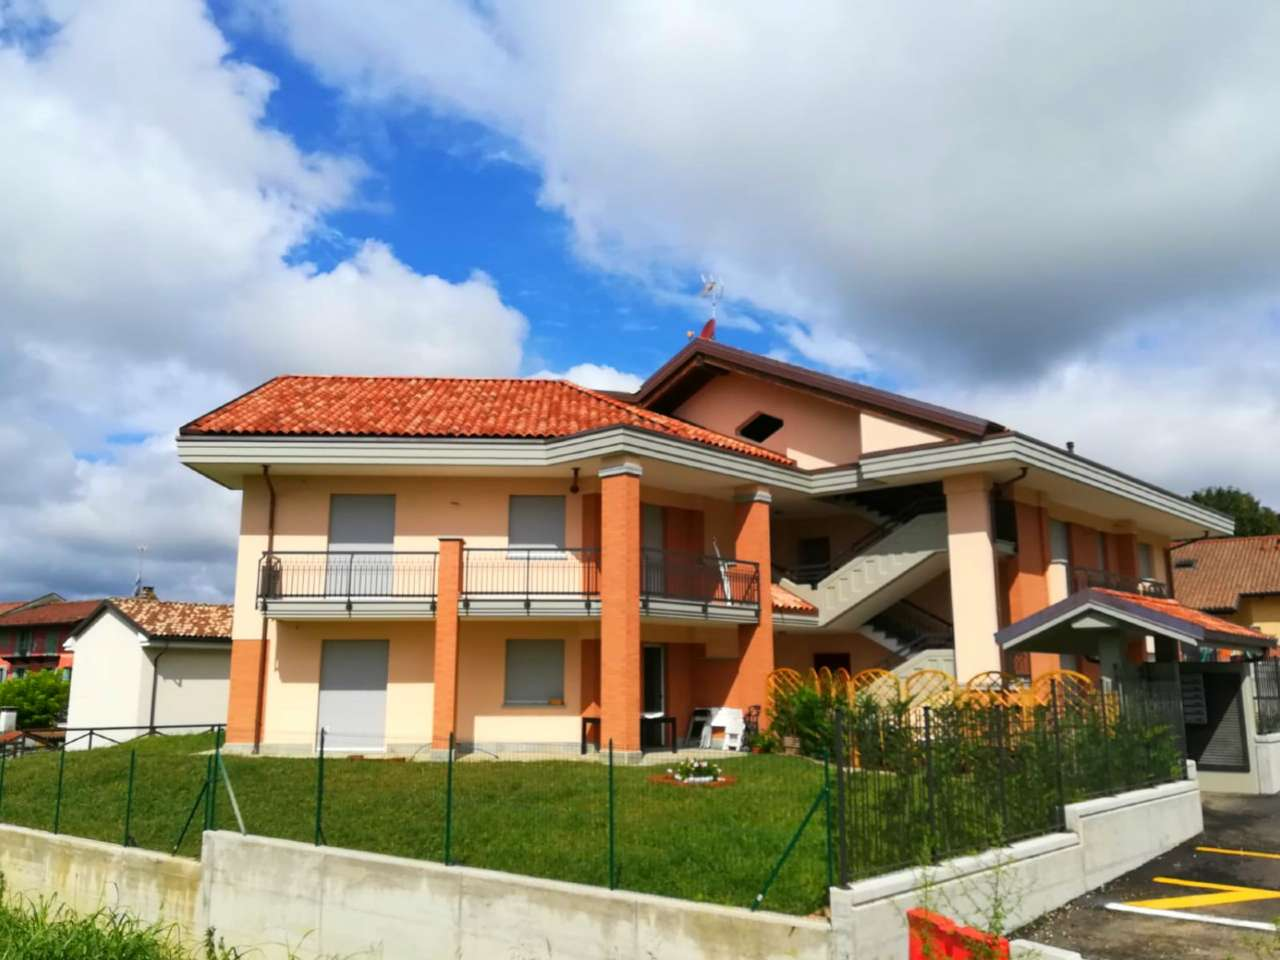 Appartamento in vendita a Andezeno, 4 locali, prezzo € 195.000 | CambioCasa.it